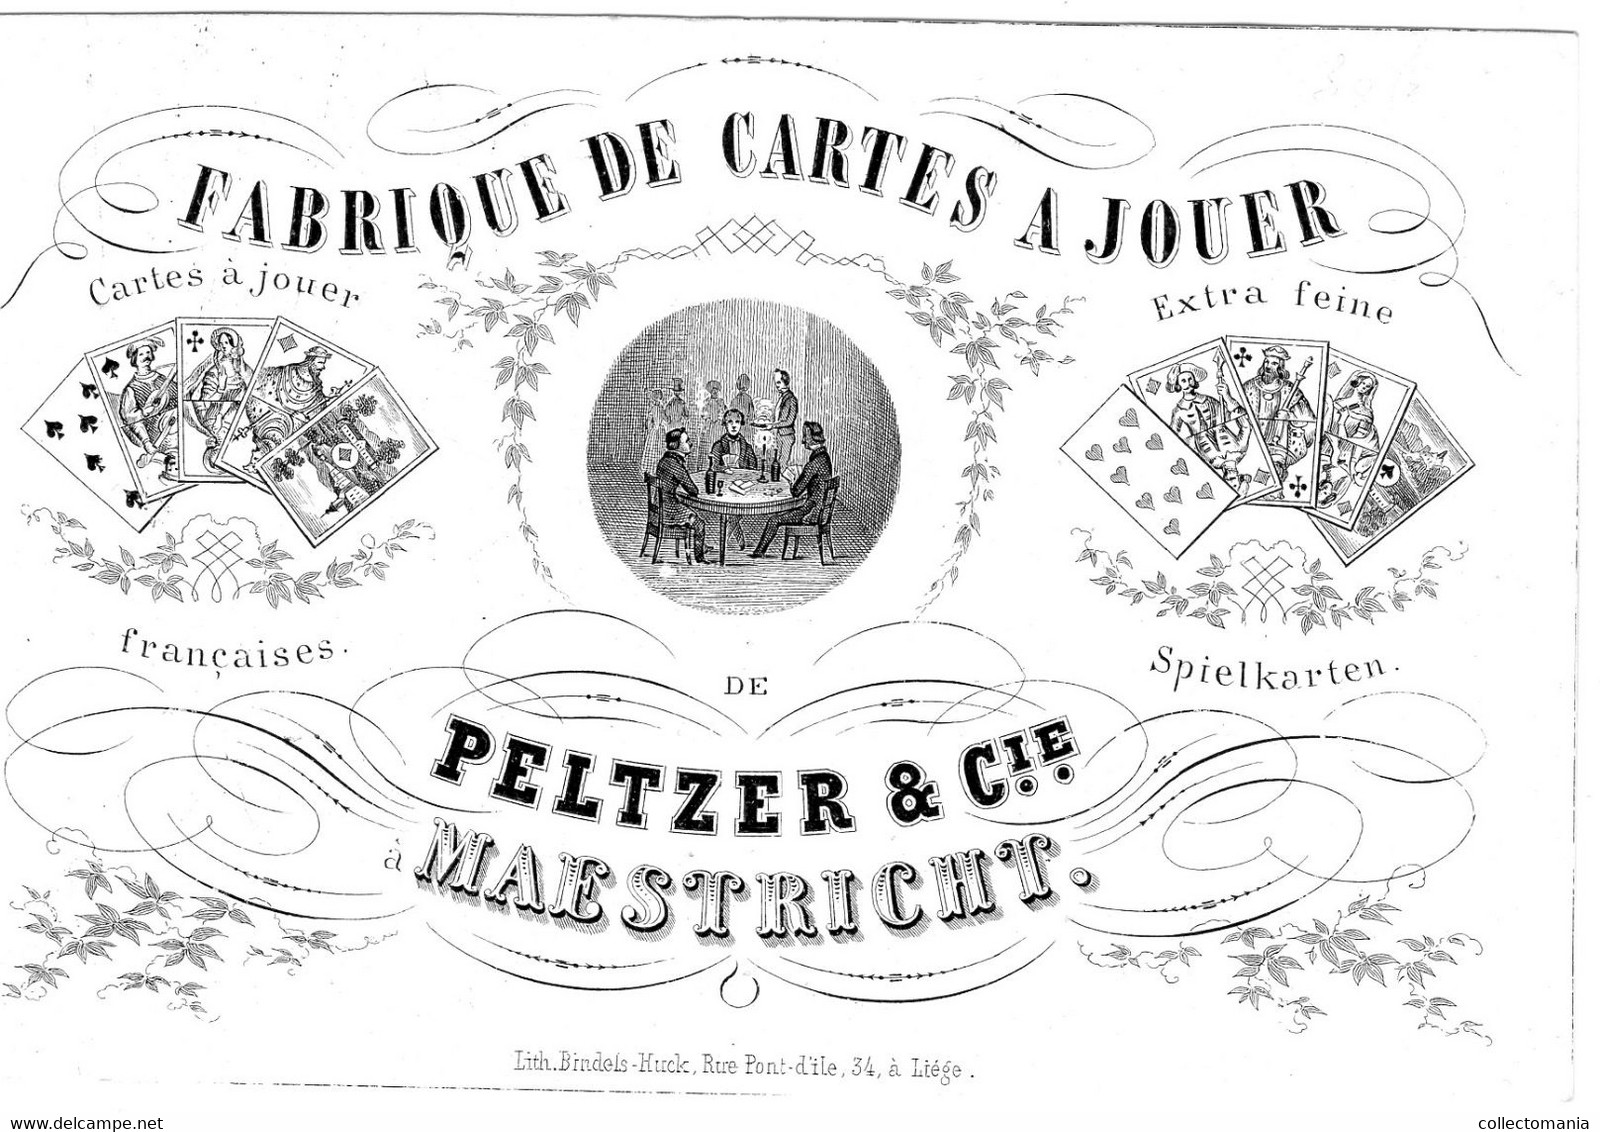 Porseleinkaart FABRIEK Anno 1855 - Cartes à Jouer PELTZER & Cie à MAASTRICHT Litho Bindels-Huck 11,5x7,5cm - Other